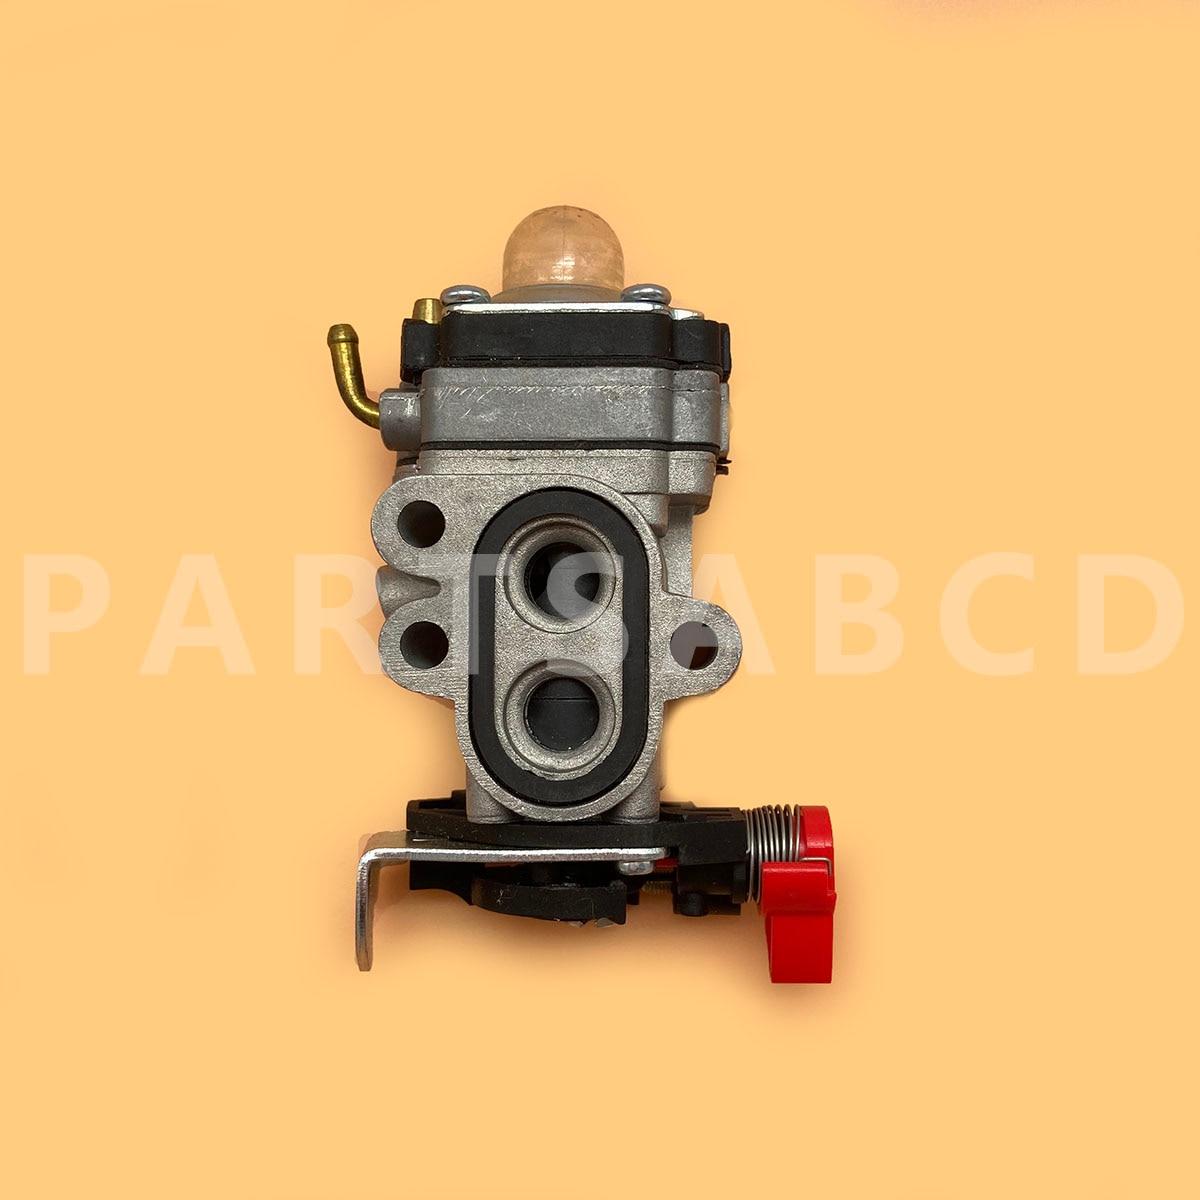 PARTSABCD карбюратор для Walbro Kawasaki Carb в сборе #15004-2110